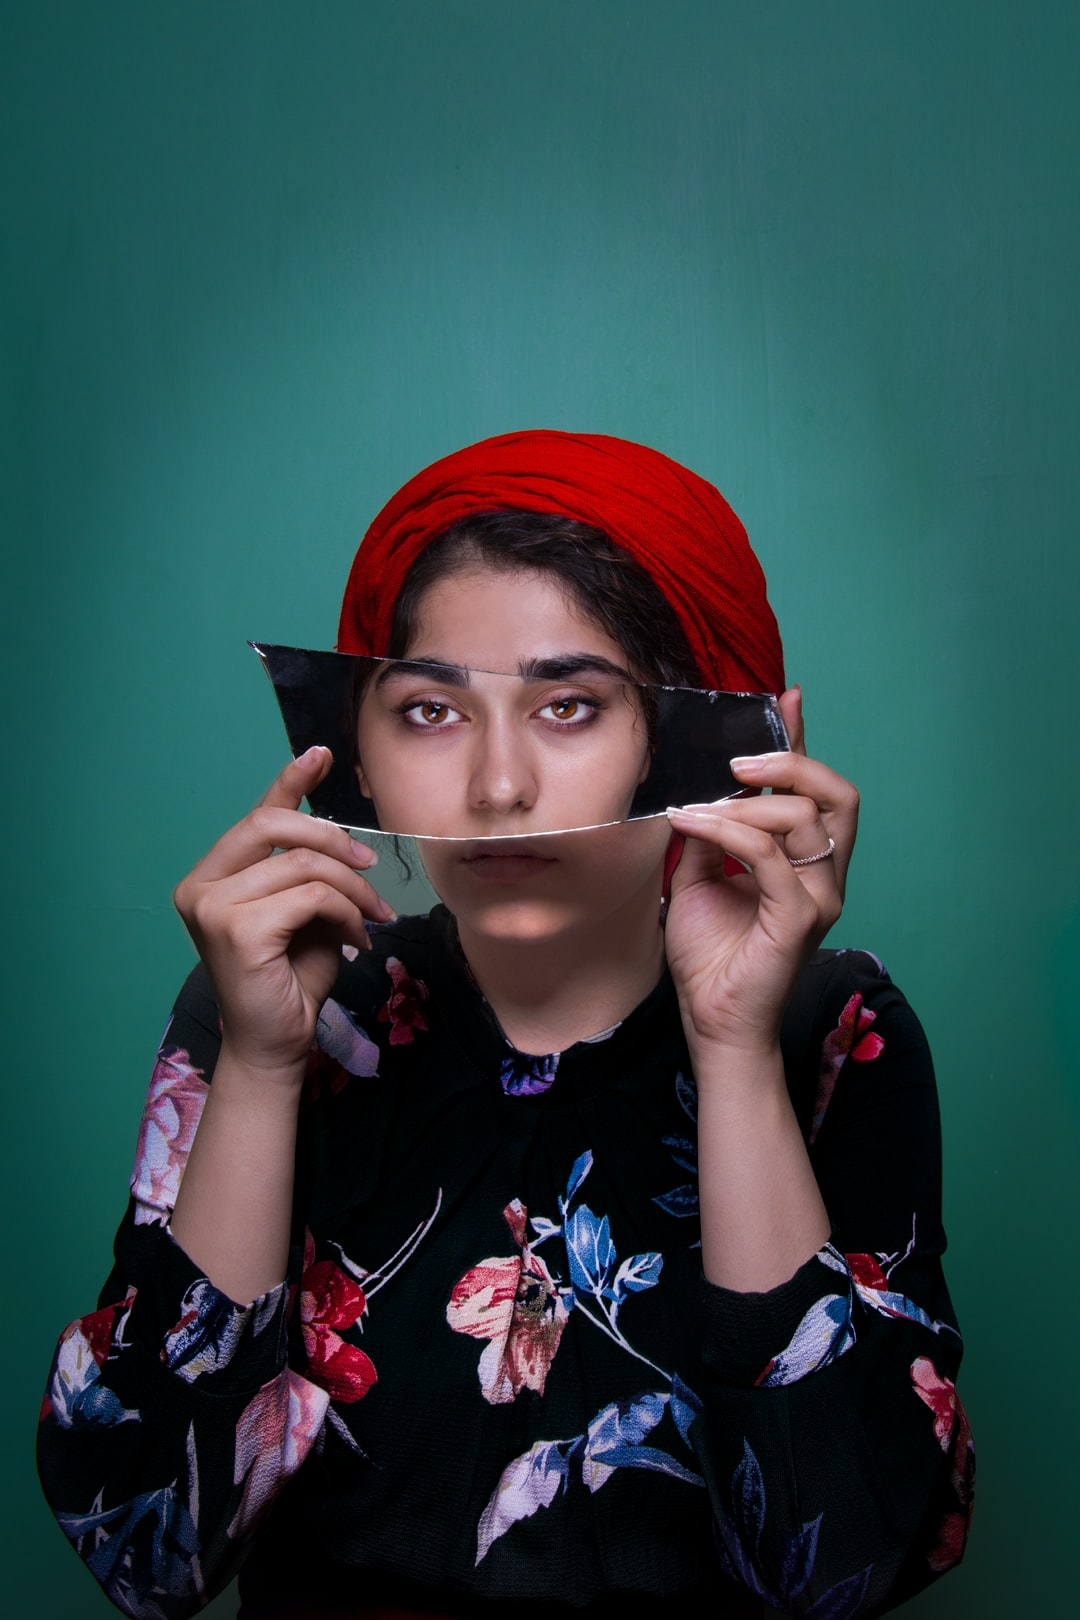 Photo by Amir Geshani on Unsplash